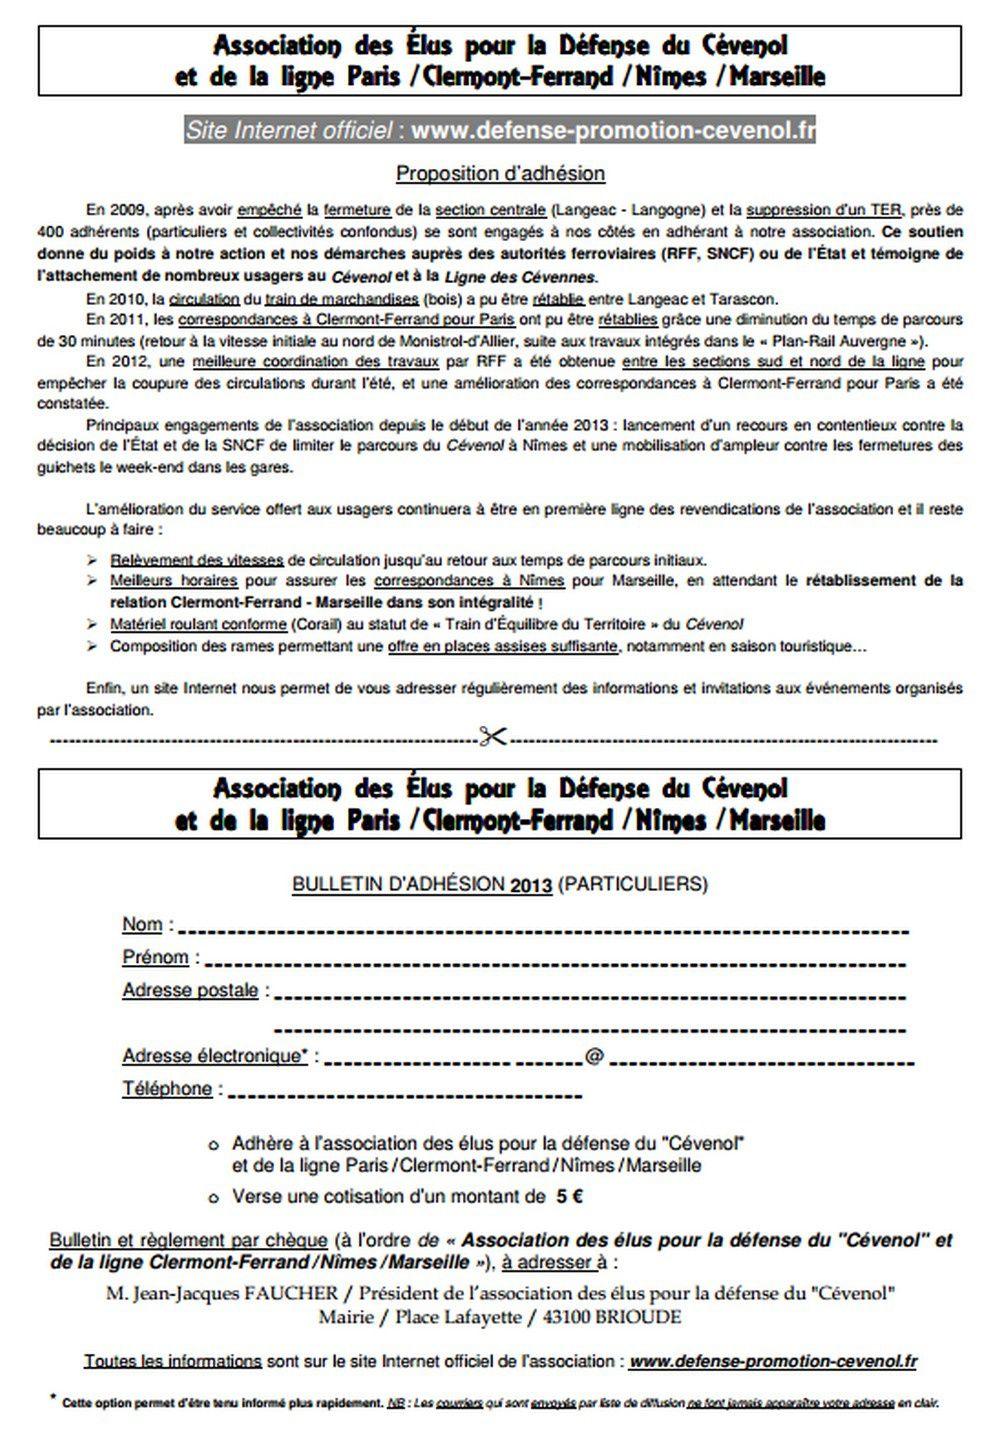 Bulletin d'adhésion : Association des élus pour la défense du Cévenol et de la ligne Paris-Nîmes